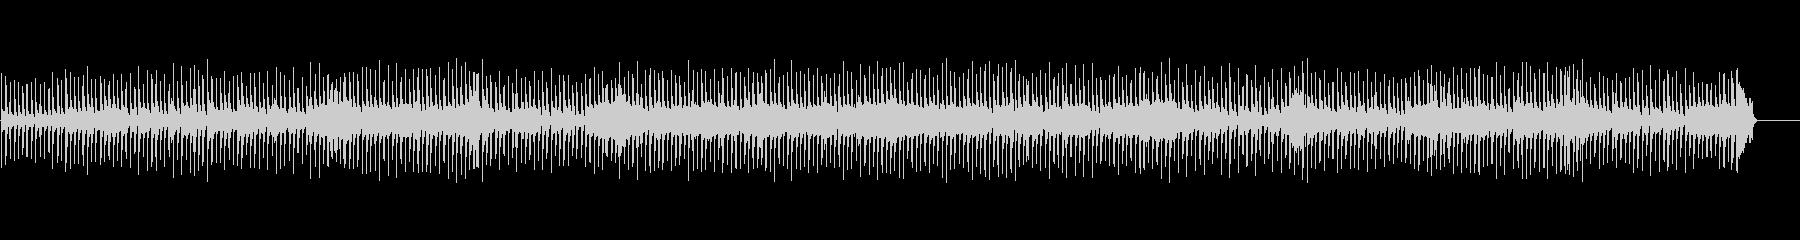 ほのぼのとした雰囲気のピアノ・陽気・軽快の未再生の波形